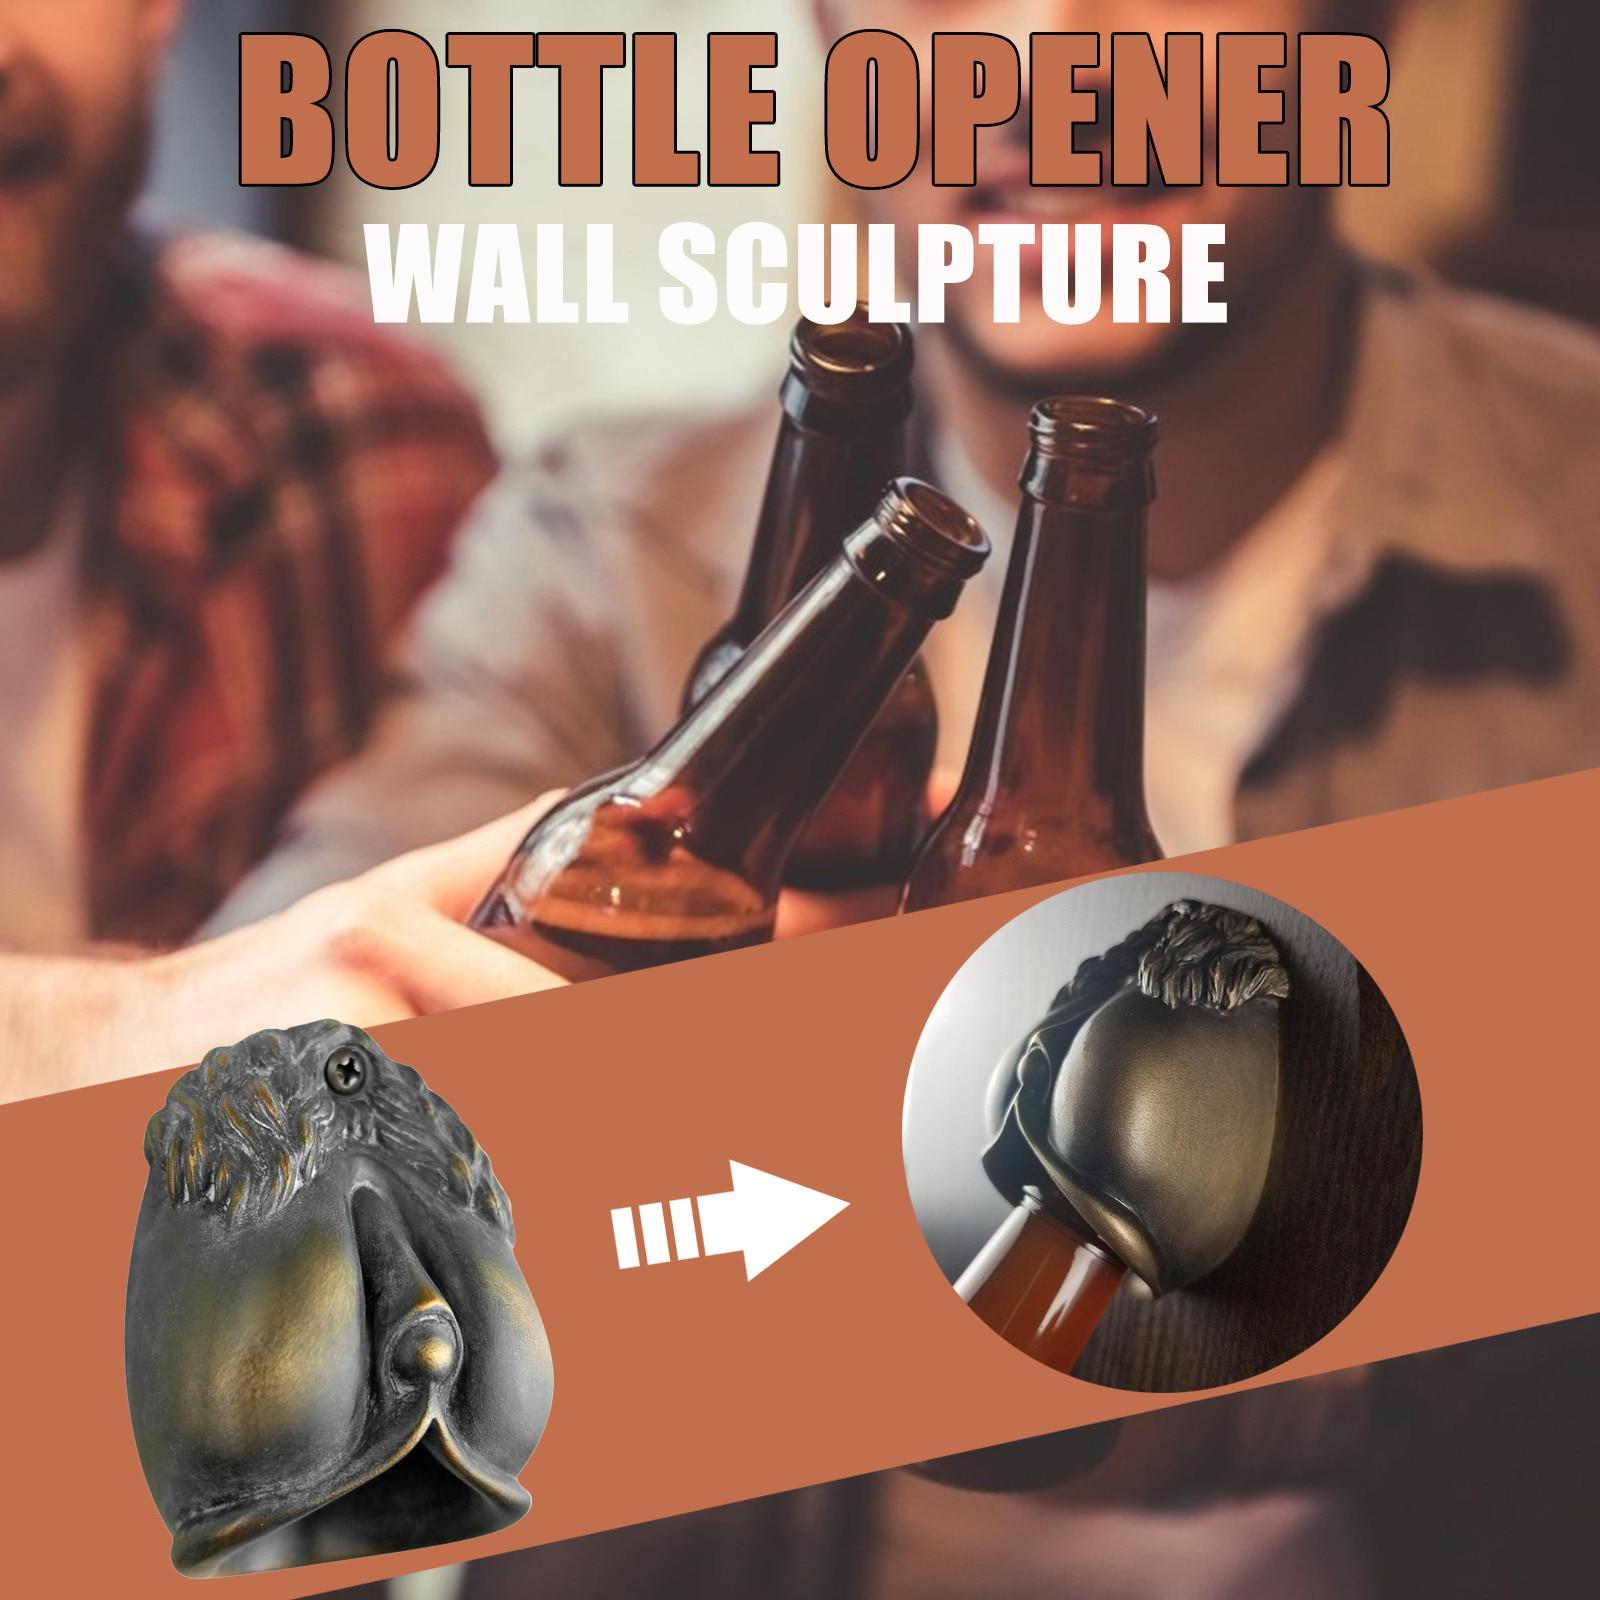 Herramientas de cocina y abridor de botellas montado en la pared, escultura...